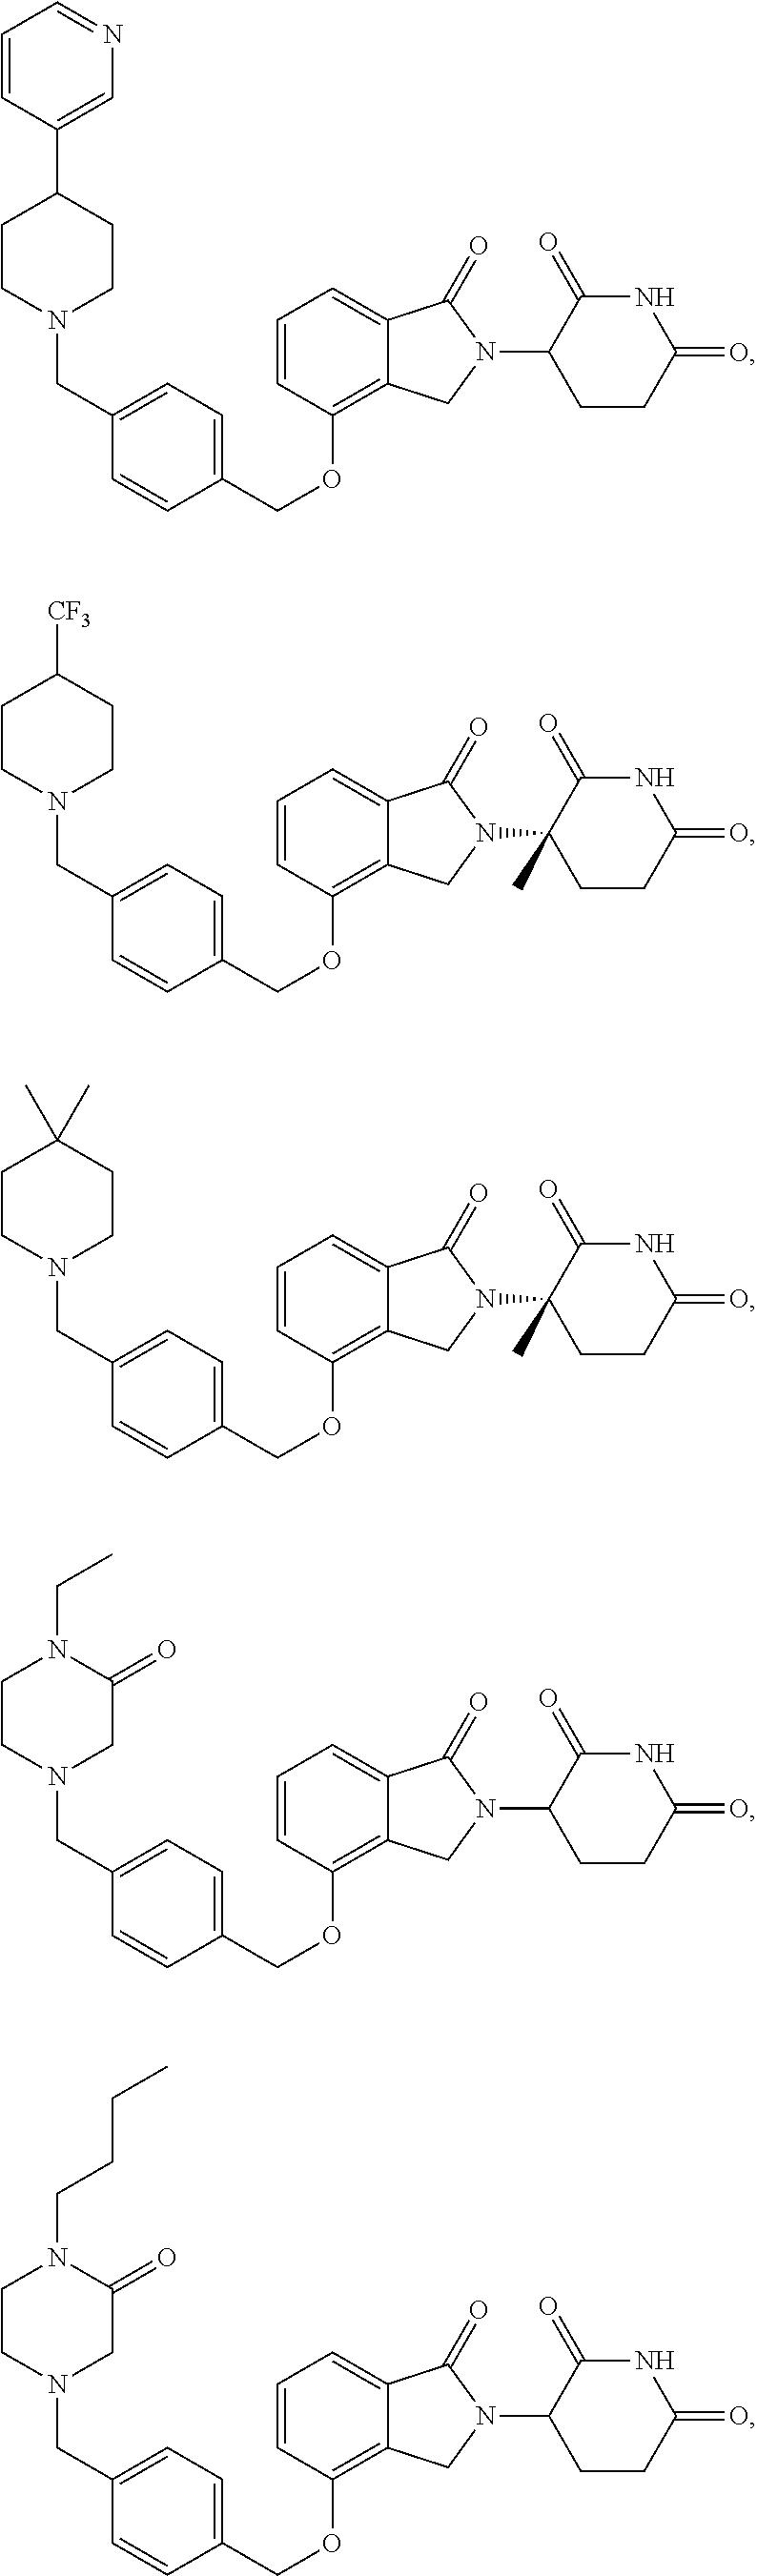 Figure US09587281-20170307-C00092